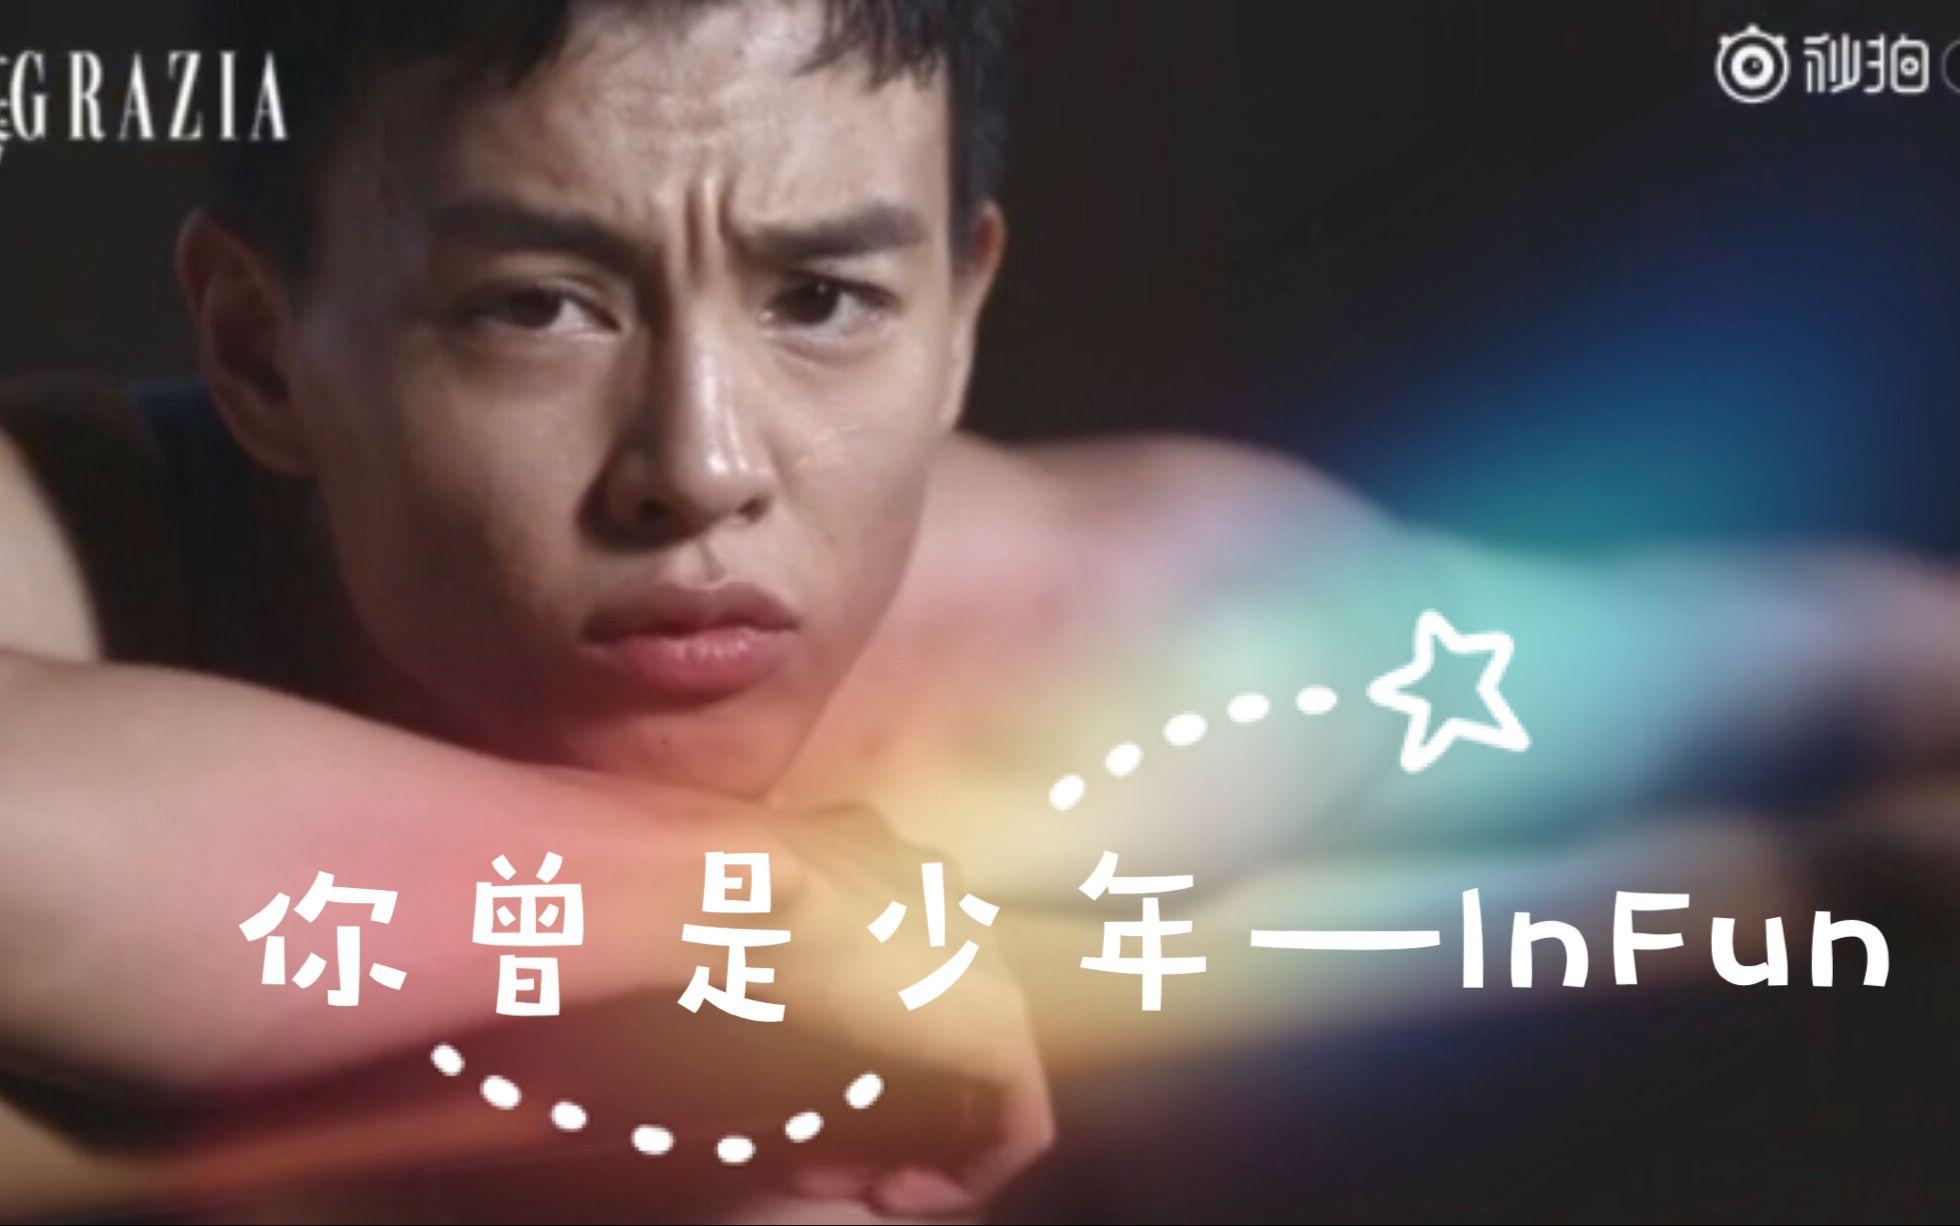 【尹昉infun】《你曾是少年》电影混剪,个人安利向图片